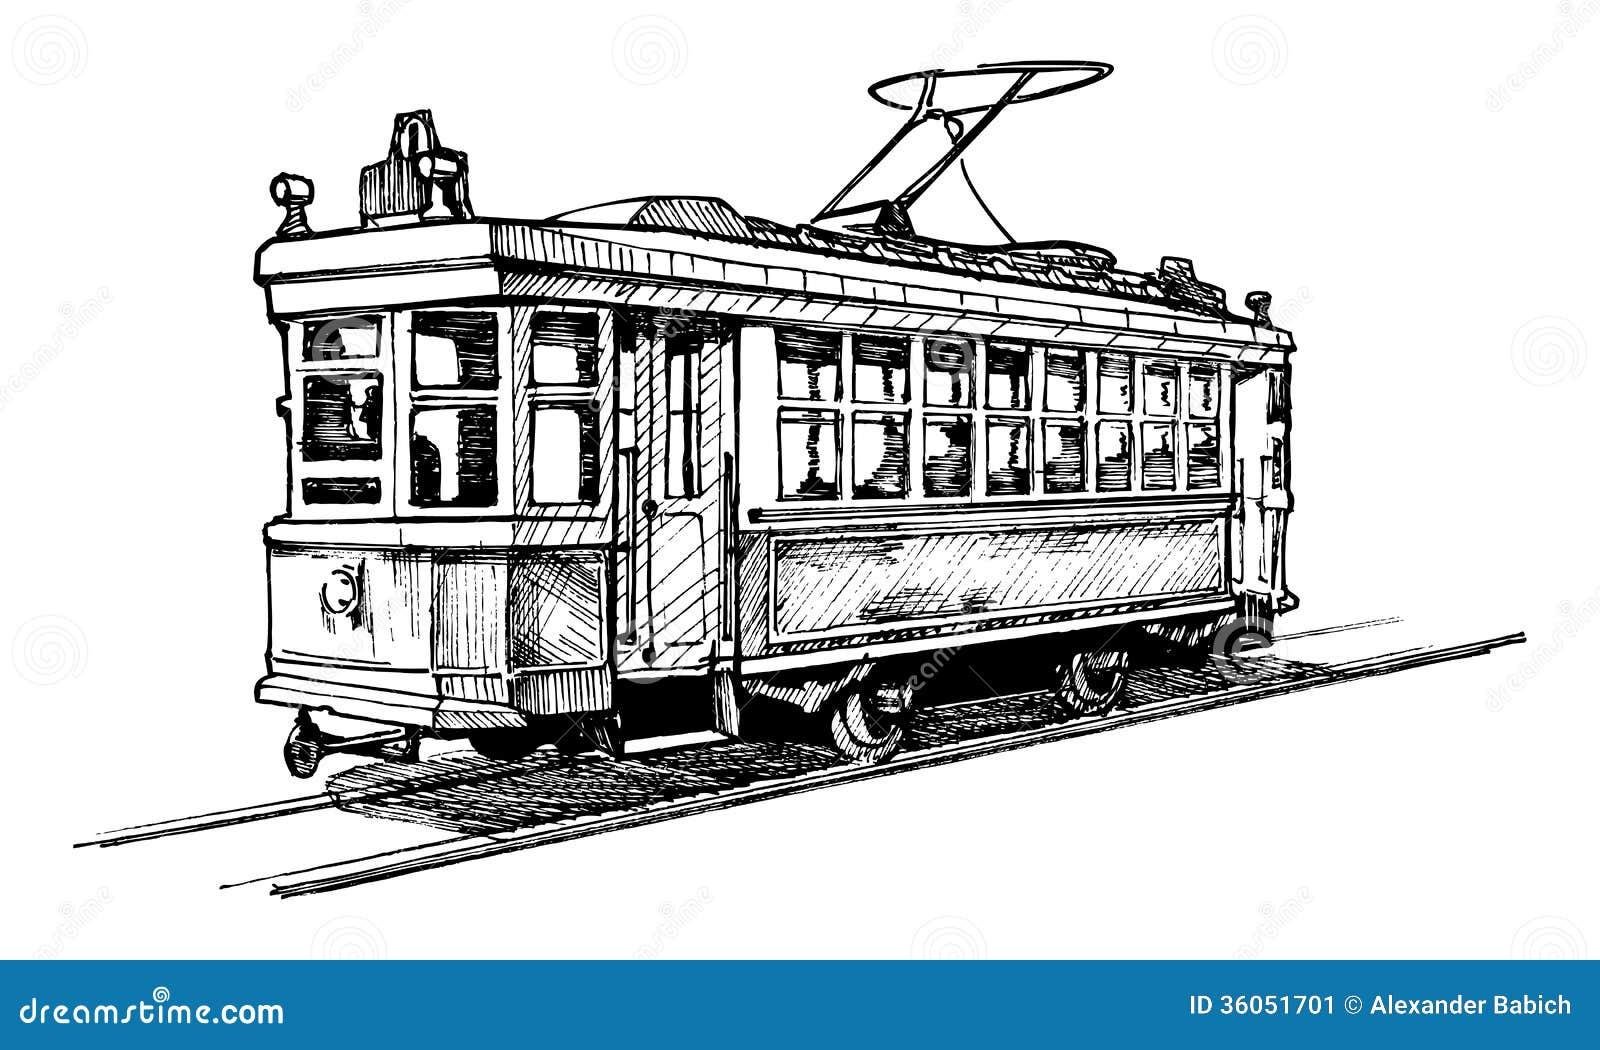 Tramway Stock Image - Image: 36051701